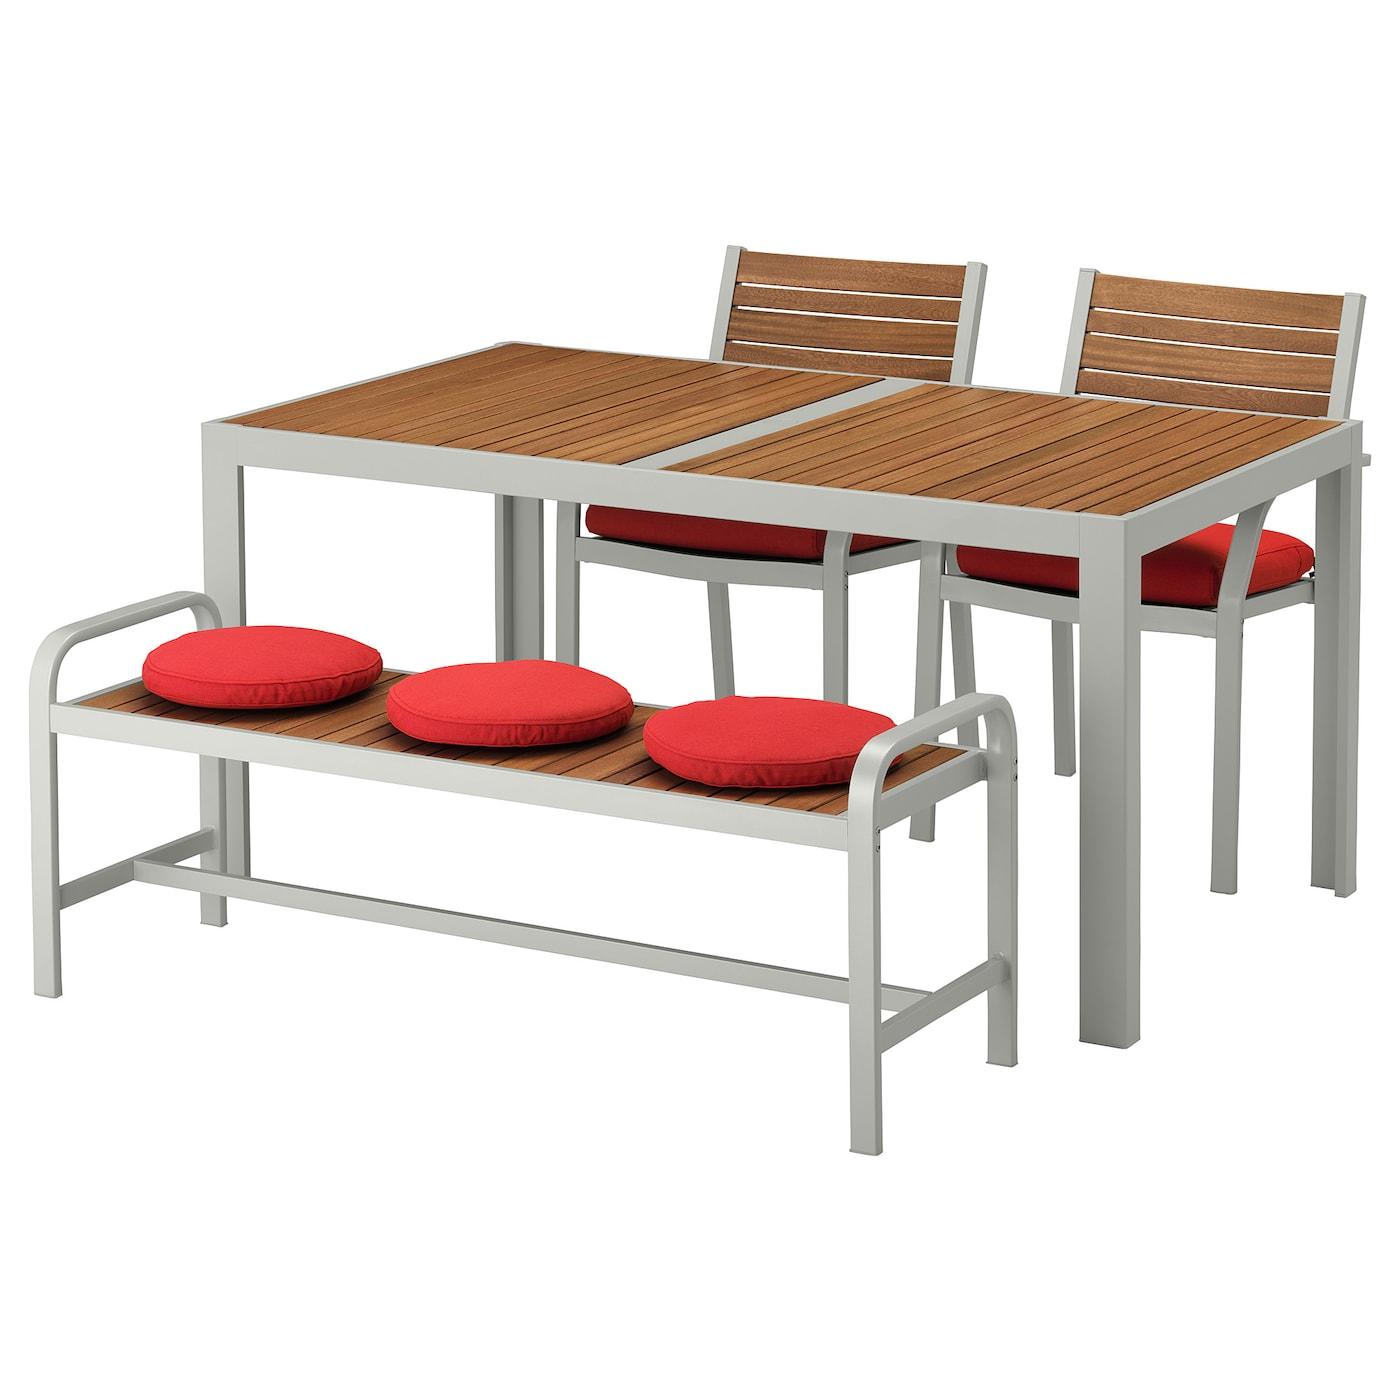 grey-holz Gartenmöbel-Set online kaufen | Möbel-Suchmaschine ...